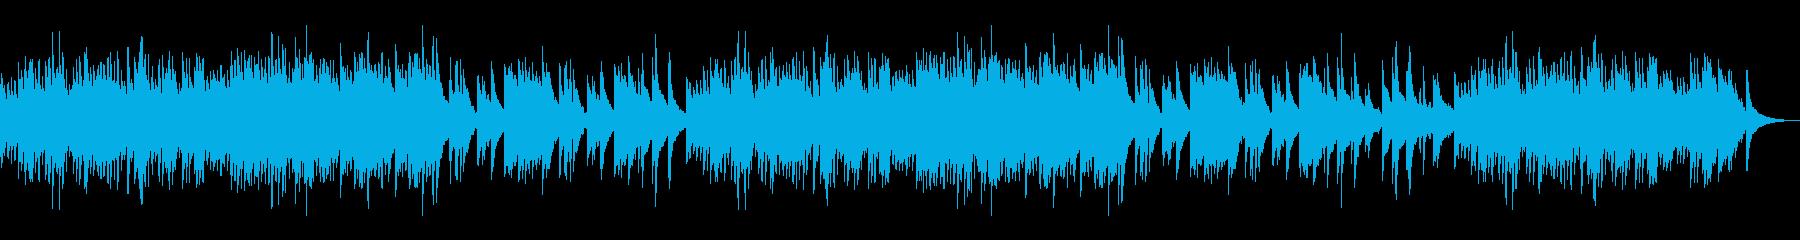 懐かしく切ない印象の和風ピアノソロBGMの再生済みの波形